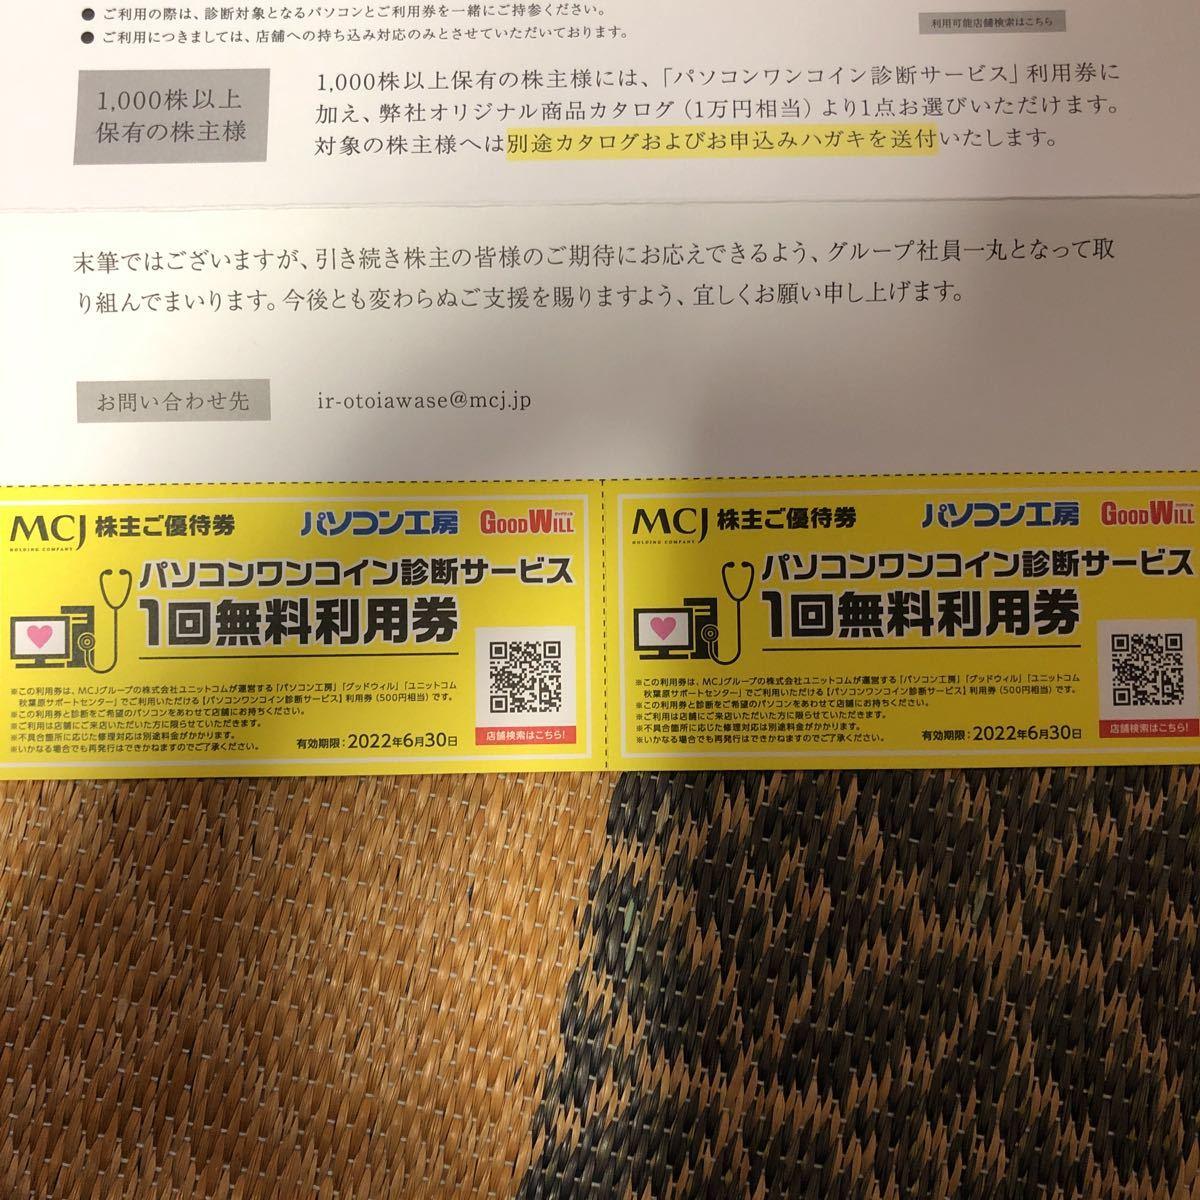 MCJ 株主優待 パソコンワンコイン診断サービス無料券 2枚 有効期限2022.6.30まで送料込み_画像1